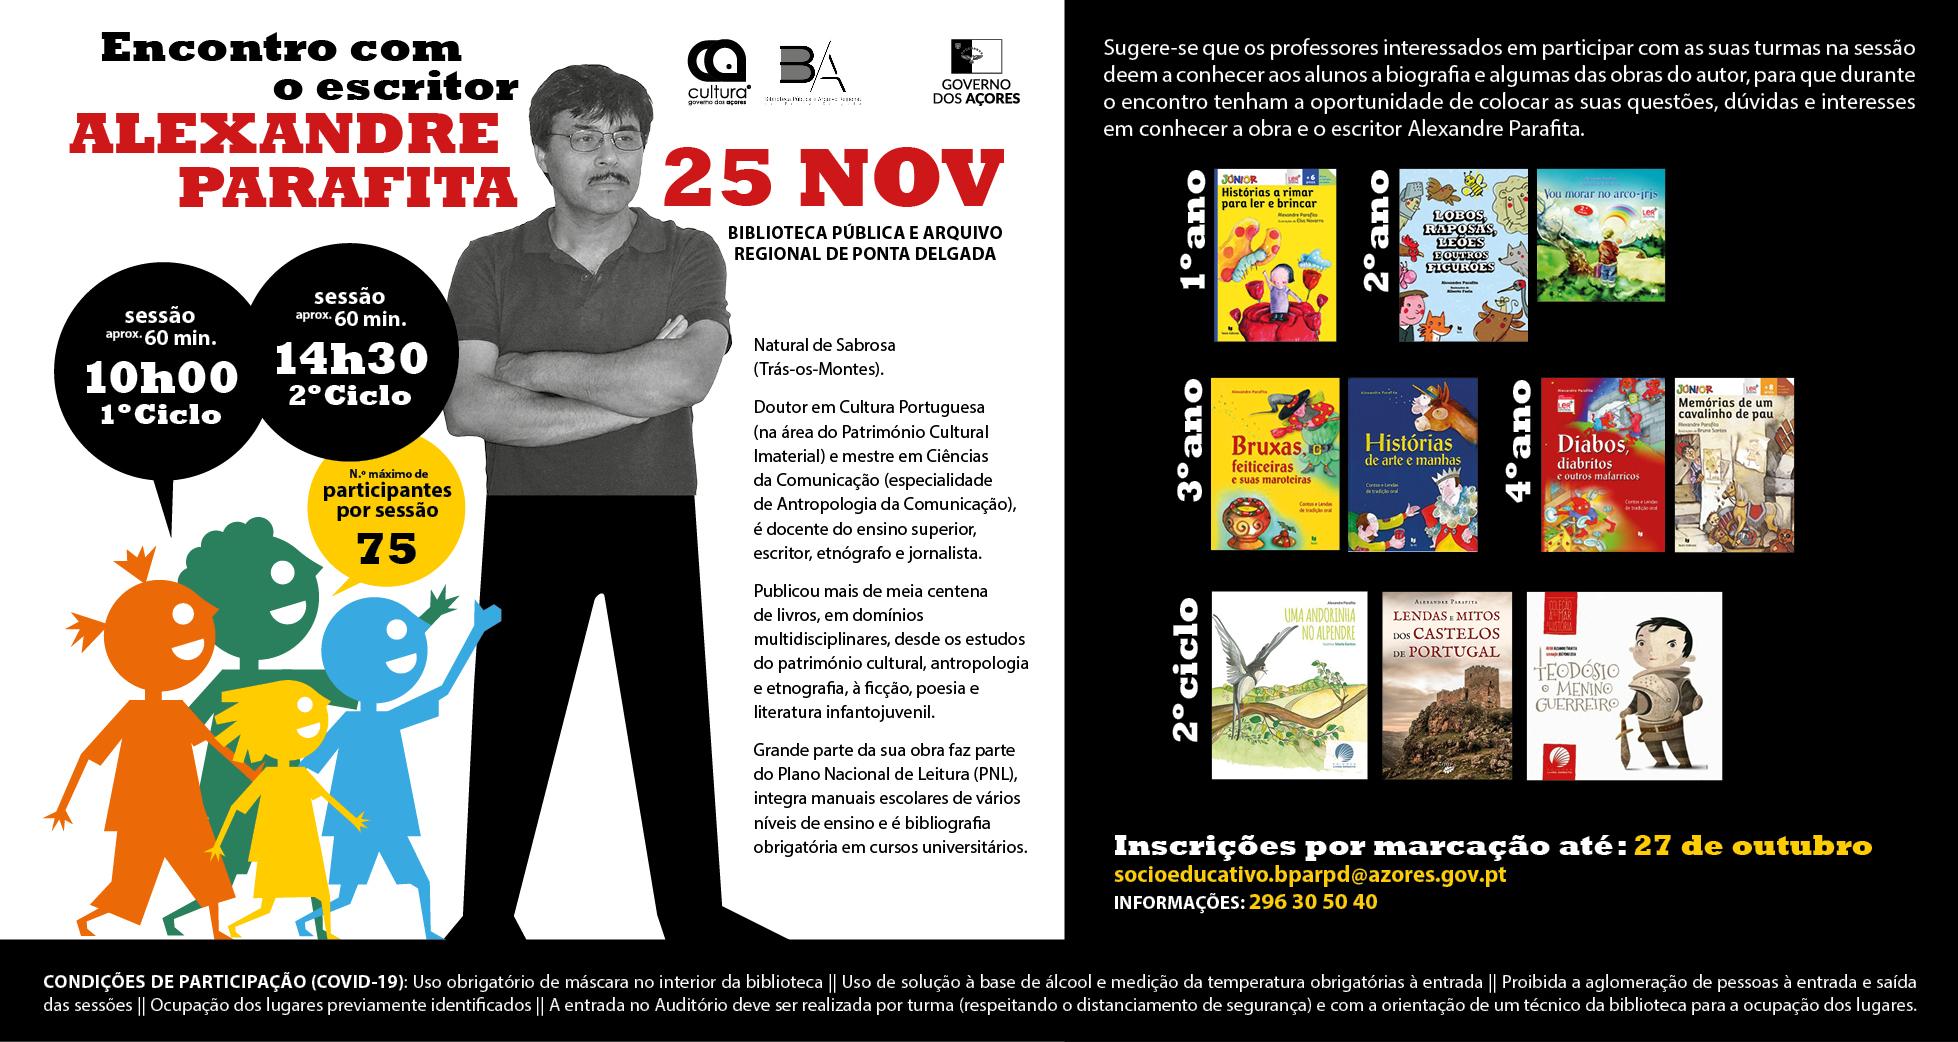 Encontro com o escritor Alexandre Parafita na Biblioteca Pública de Ponta Delgada - Cartazz